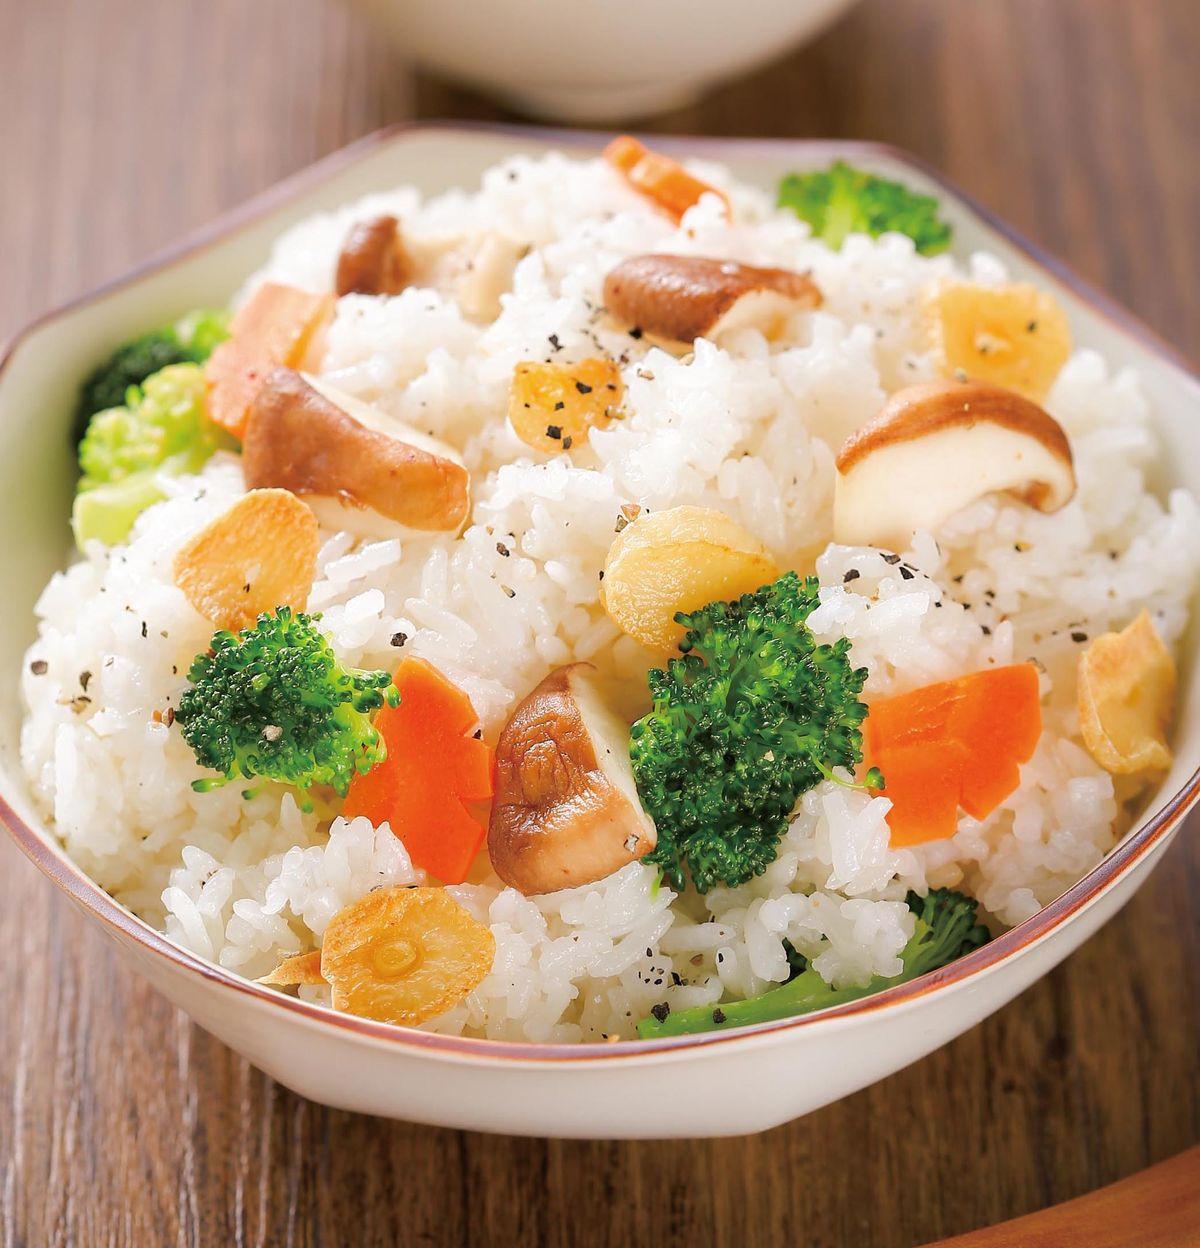 食譜:蒜香鮮菇炒飯